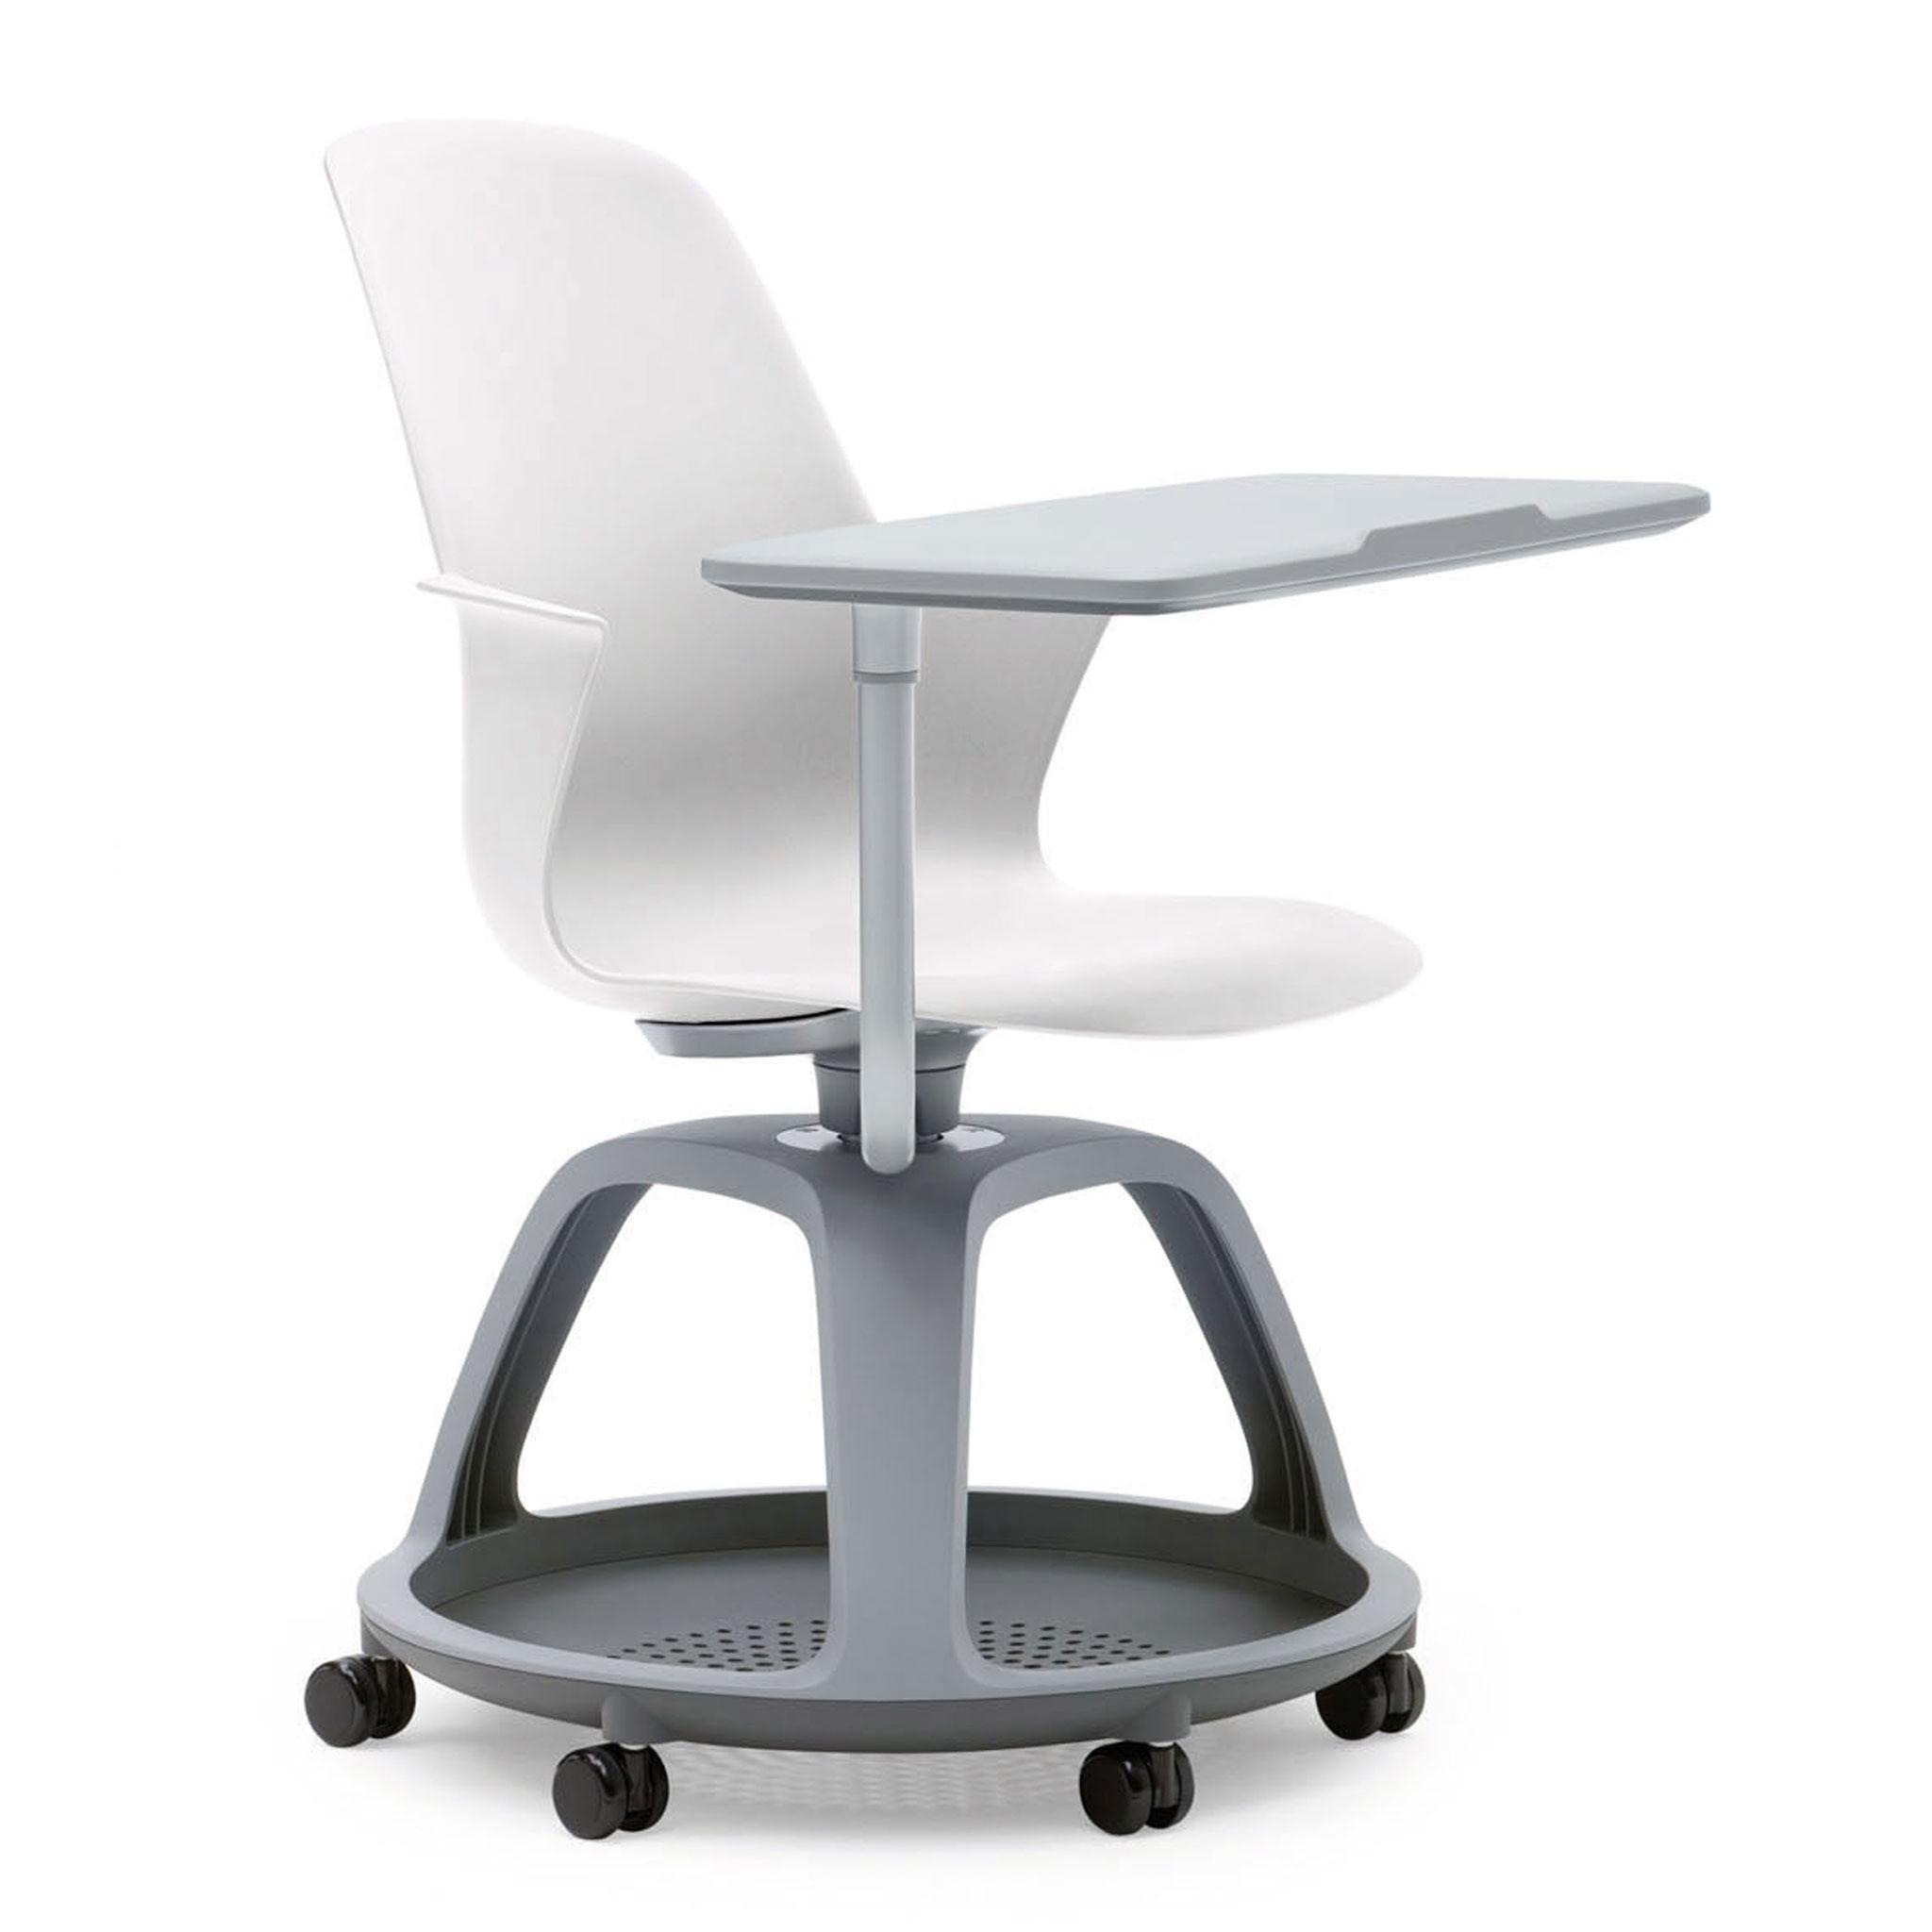 Steelcase NODE Seminarstuhl auf Rollen mit Schreibplatte und Ablagefläche